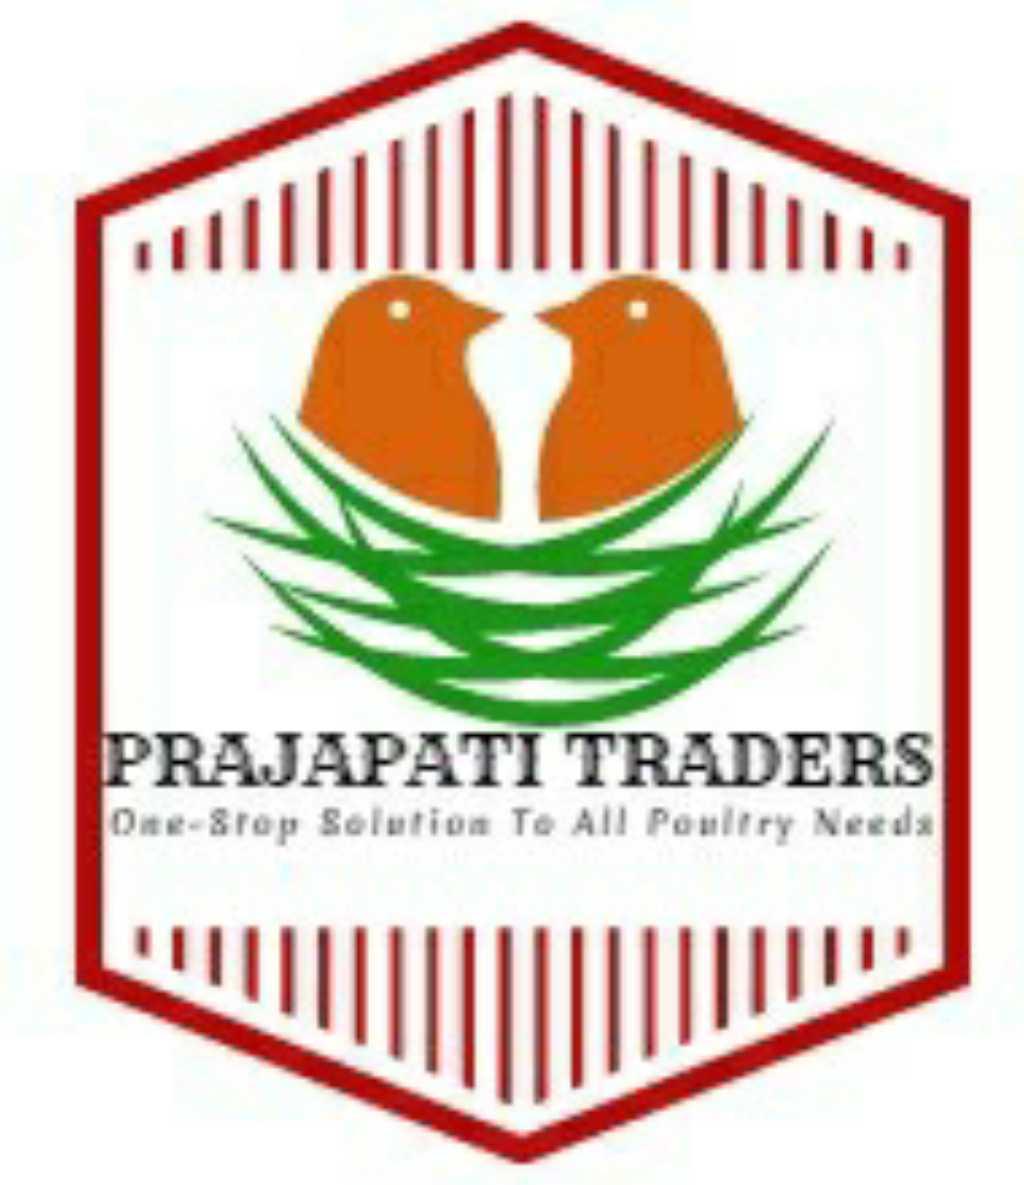 Prajapati Traders